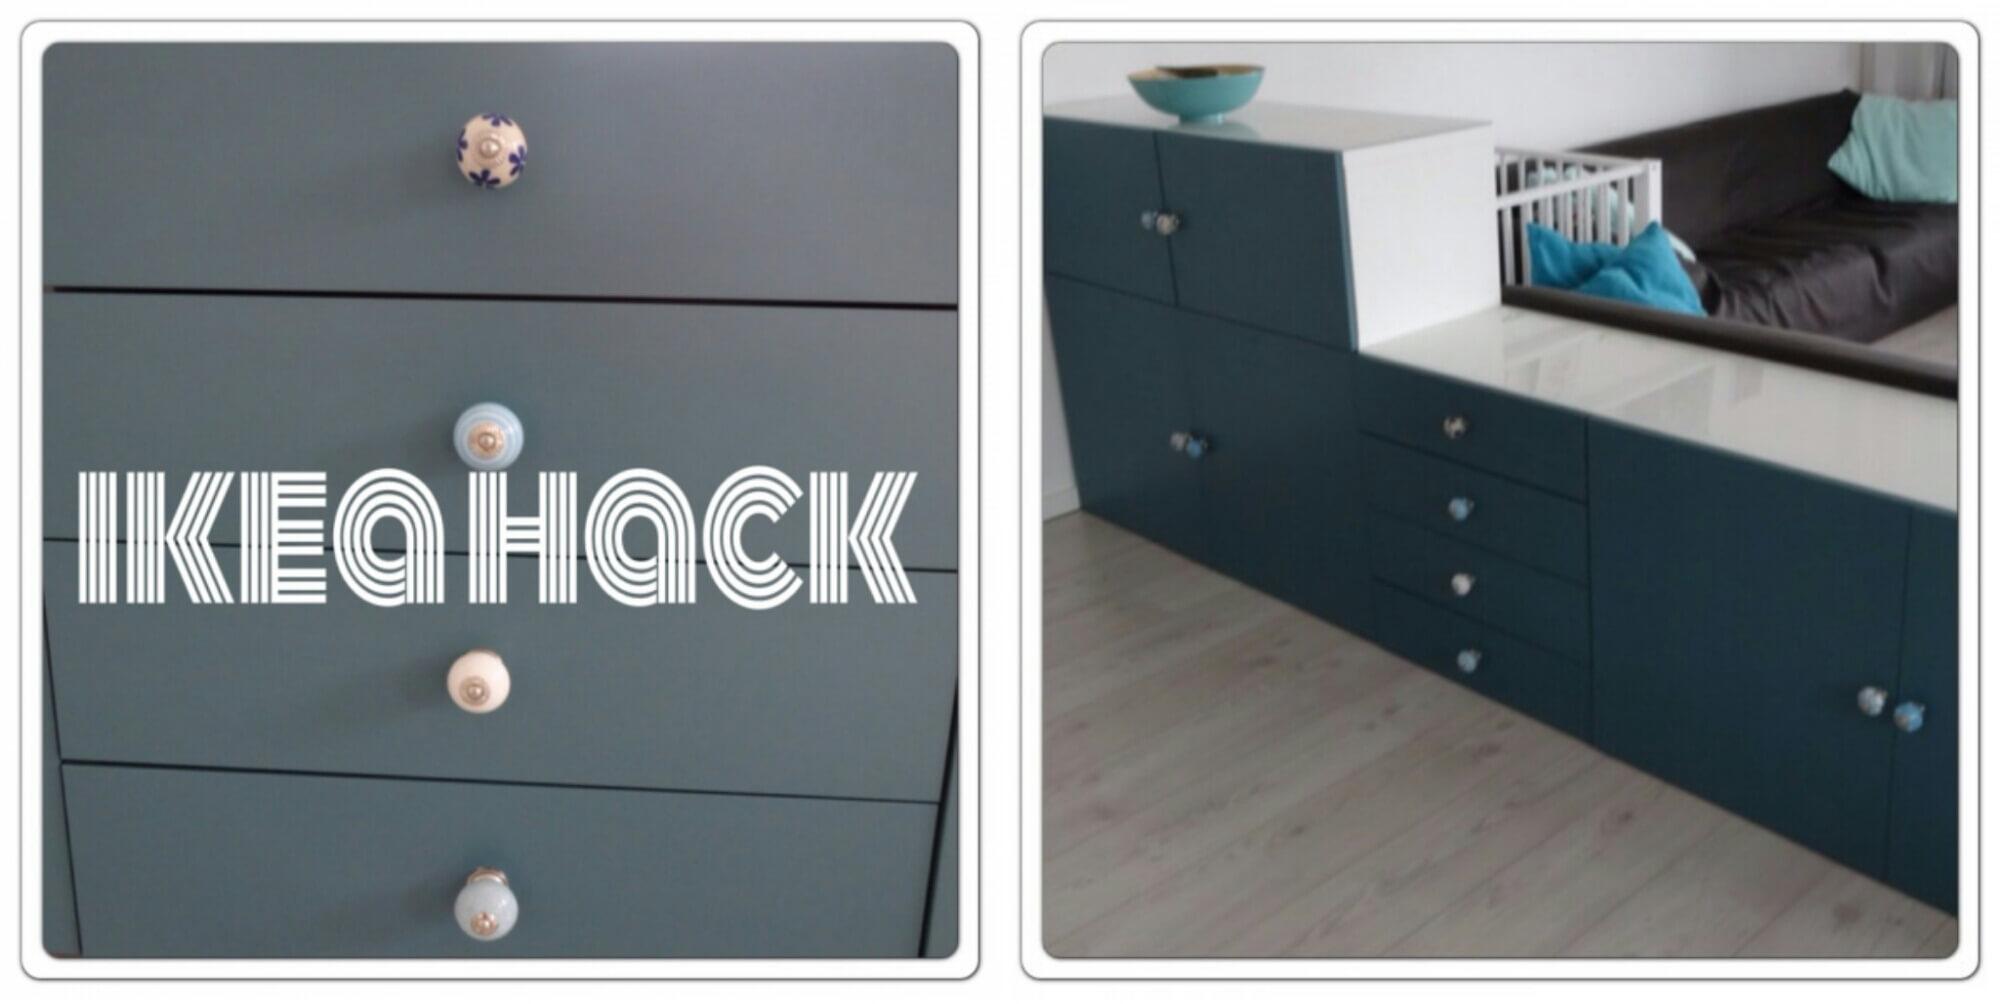 Ikea Kinderkamer Inspiratie: Slaapkamer inspiratie ikea creatieve ...